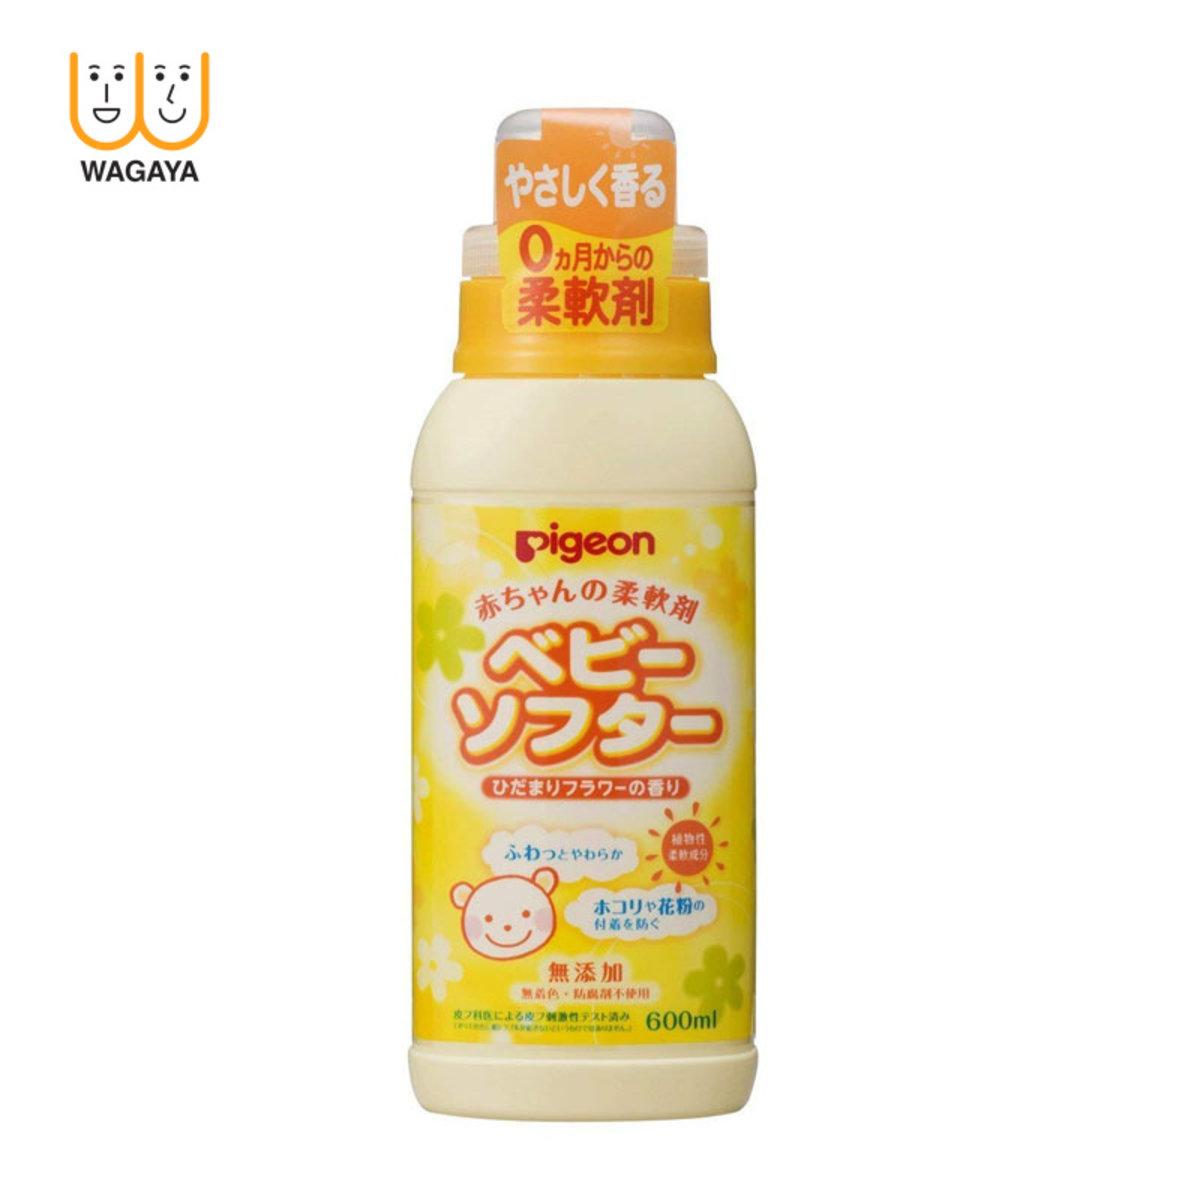 嬰兒衣物柔順劑 向日葵花香 600ml (黃)